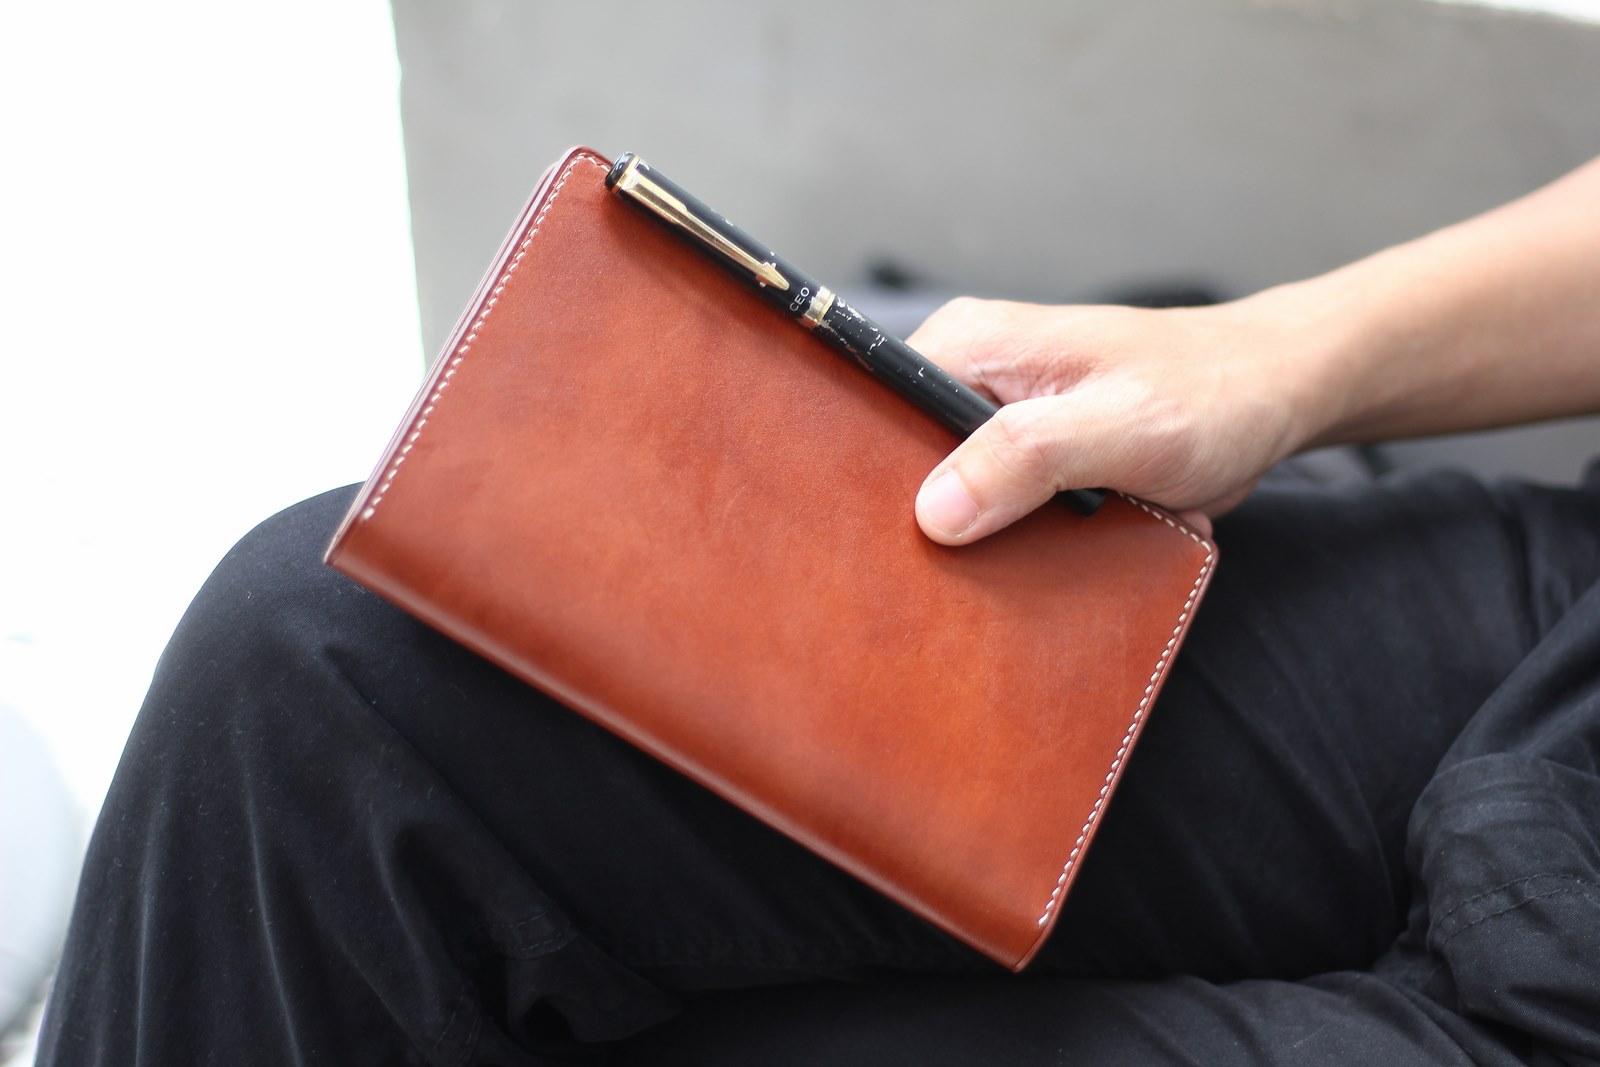 cuốn sổ riêng ghi chép những việc mình cần làm, cuộc hẹn với khách hàng, đối tác, ngày kỉ niệm quan trọng